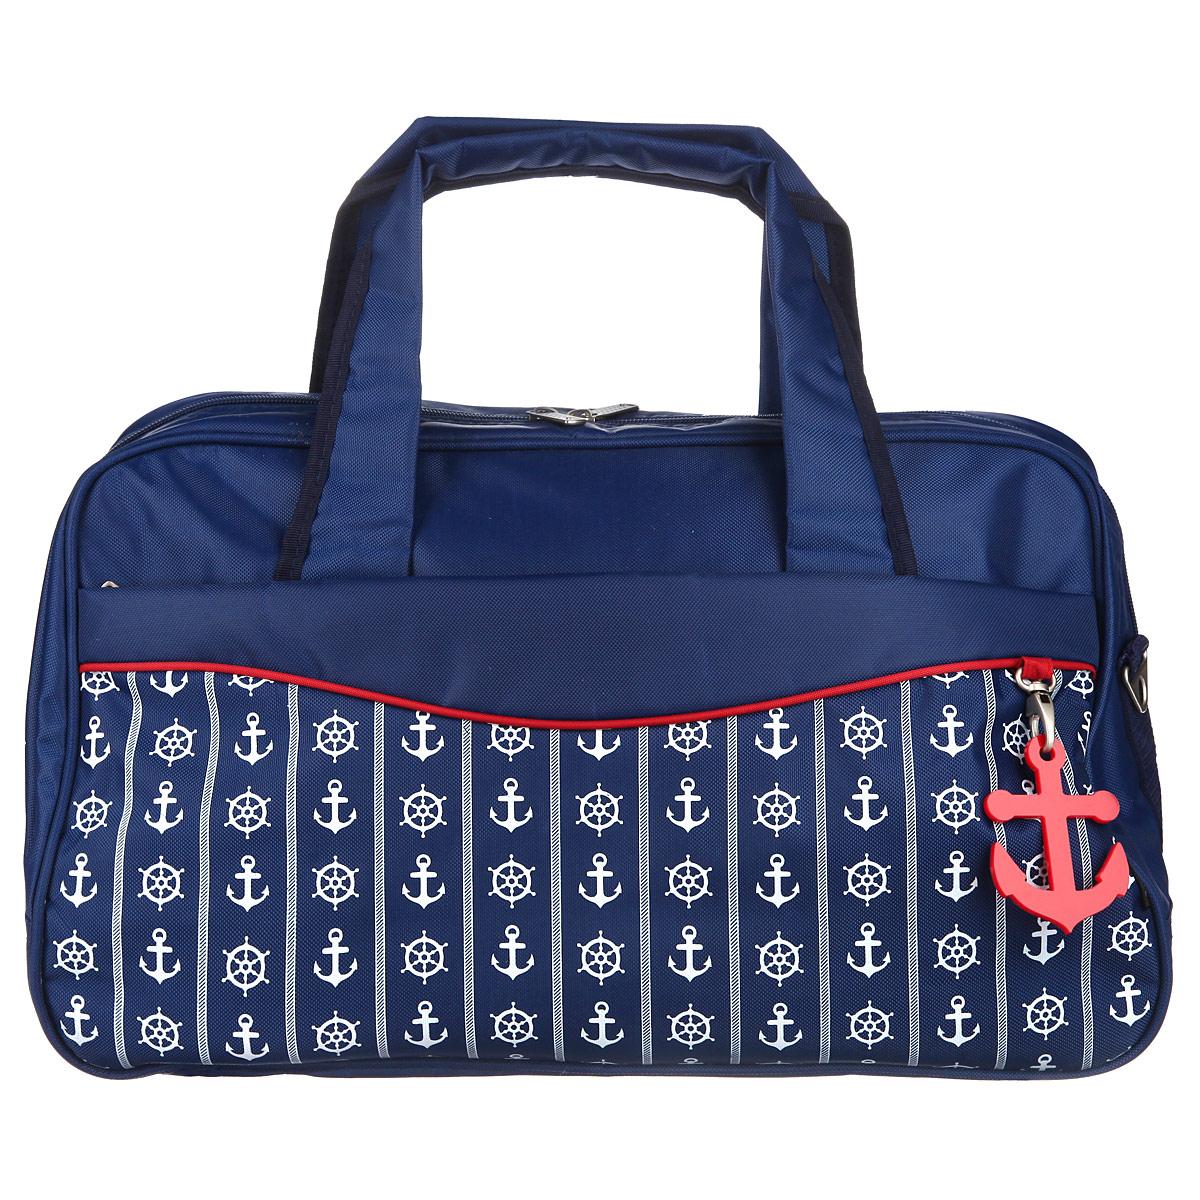 Сумка дорожная Antan Морской стиль, цвет: темно-синий. 2-4M95428-924Стильная дорожная сумка Antan Морской стиль выполнена из высококачественного материала и украшена декоративным элементом в виде якоря. Состоит сумка из одного большого отделения, закрывающегося на пластиковую застежку-молнию, внутри которого расположены прорезной карман на молнии и два накладных кармана, предназначенных для телефона и мелочей. С внешней стороны предусмотрены два больших прорезных кармана на застежках-молниях. Изделие оснащено двумя прочными ручками. В комплект входит съемный наплечный ремень, длина которого регулируется пряжкой. Дно изделия уплотнено и дополнено пятью пластиковыми ножками, обеспечивающими дополнительную устойчивость и защиту от загрязнений. Оформлена сумка оригинальным принтом на морскую тематику.Такая сумка идеально подойдет для дальних поездок, в нее можно положить все необходимое.